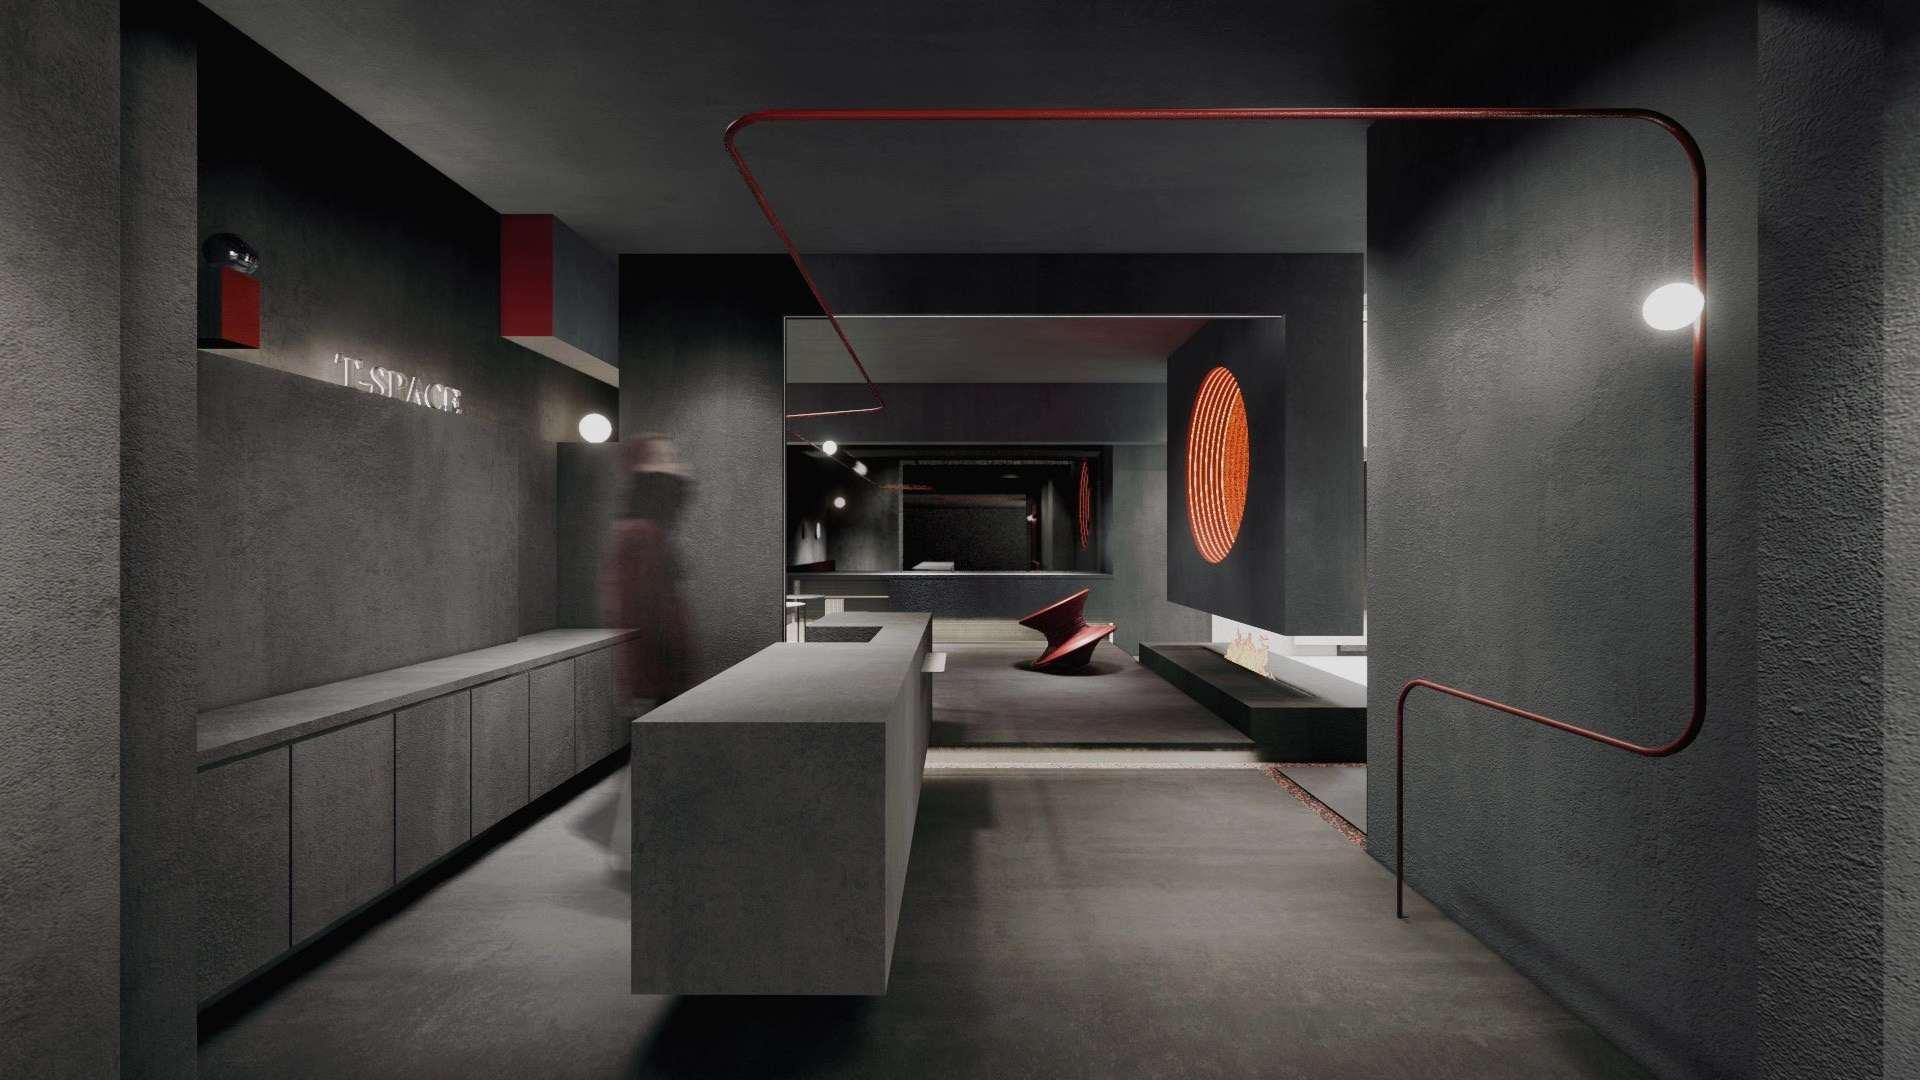 室内为直长型空间,运用白色铺出洁净基调,从视觉上到达空间扩开的效果,但考虑室内面积不大,借由玻璃、幔纱品隔离工作场域,配合白色橙光作洗墙、间接漫射、造型灯带等变化,晶莹穿透延伸的丰富感。在空间的后半部分大多采用了玻璃制品作为曲线造型,烘托出雕塑般的姿态,成为空间醒目的视觉端点。